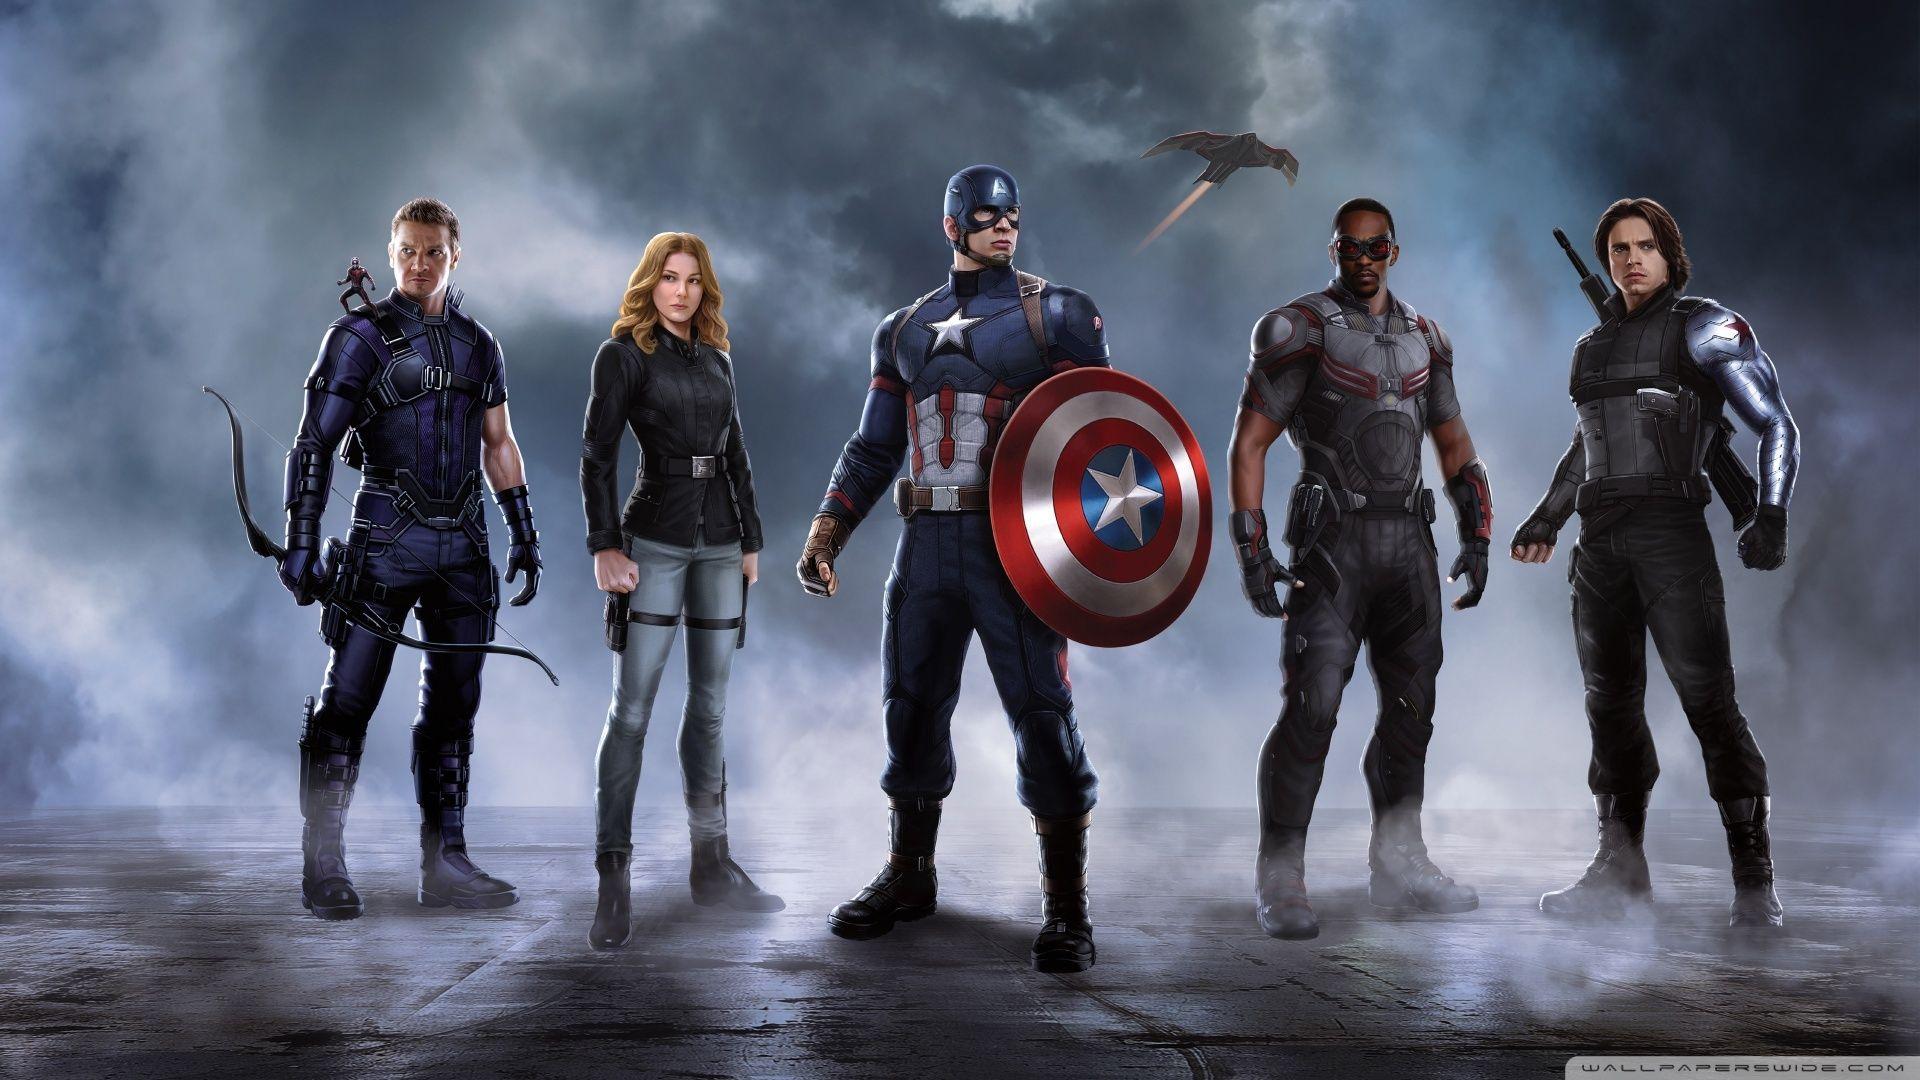 the avengers age of ultron team hd desktop wallpaper widescreen